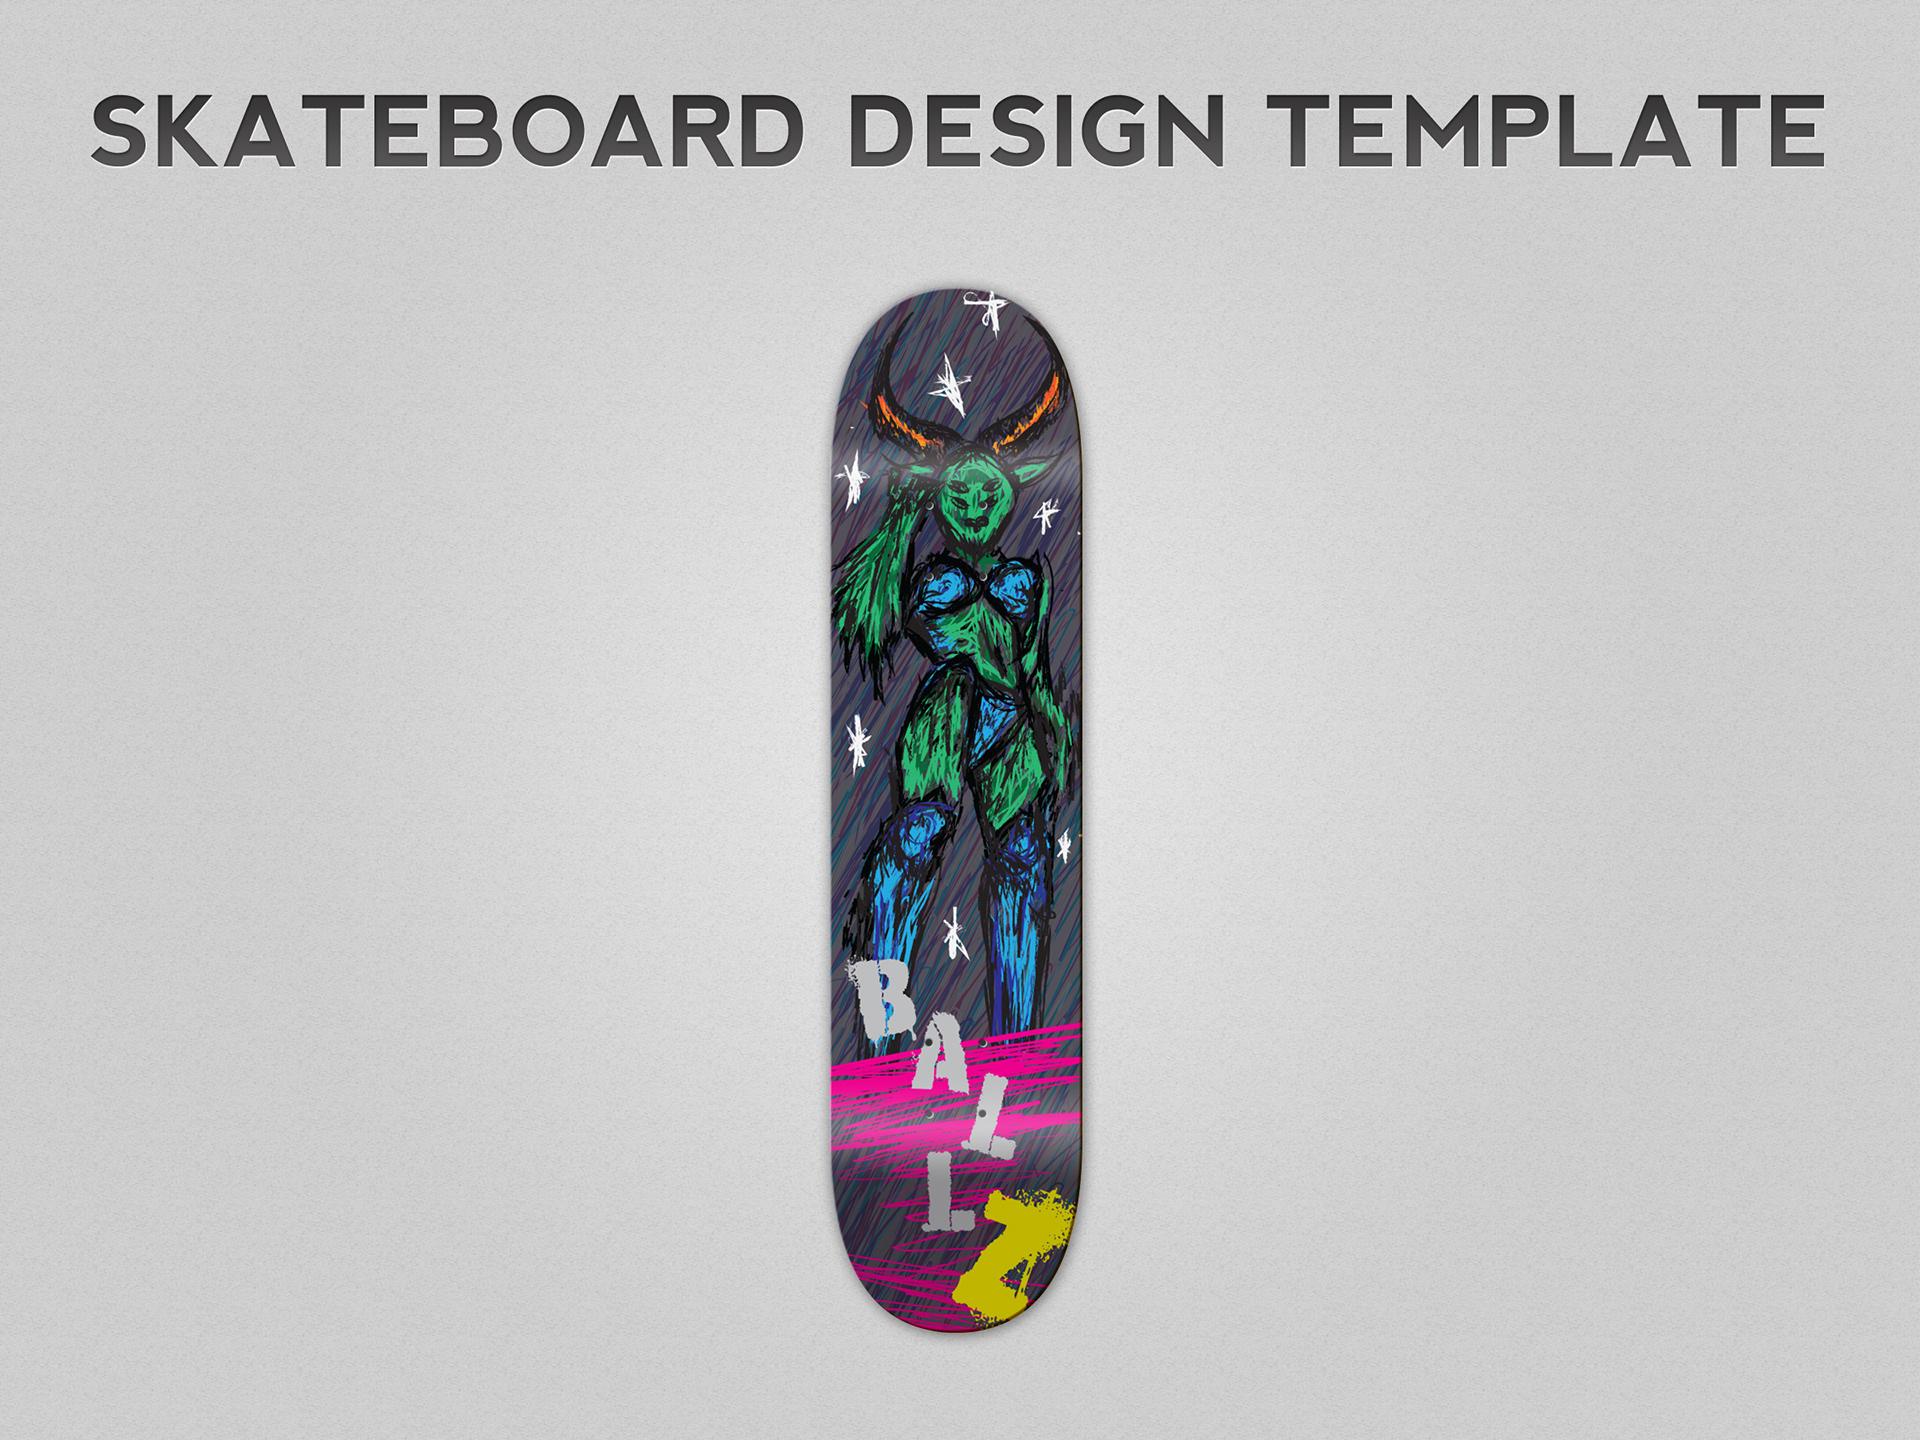 sophie hedge skateboard design